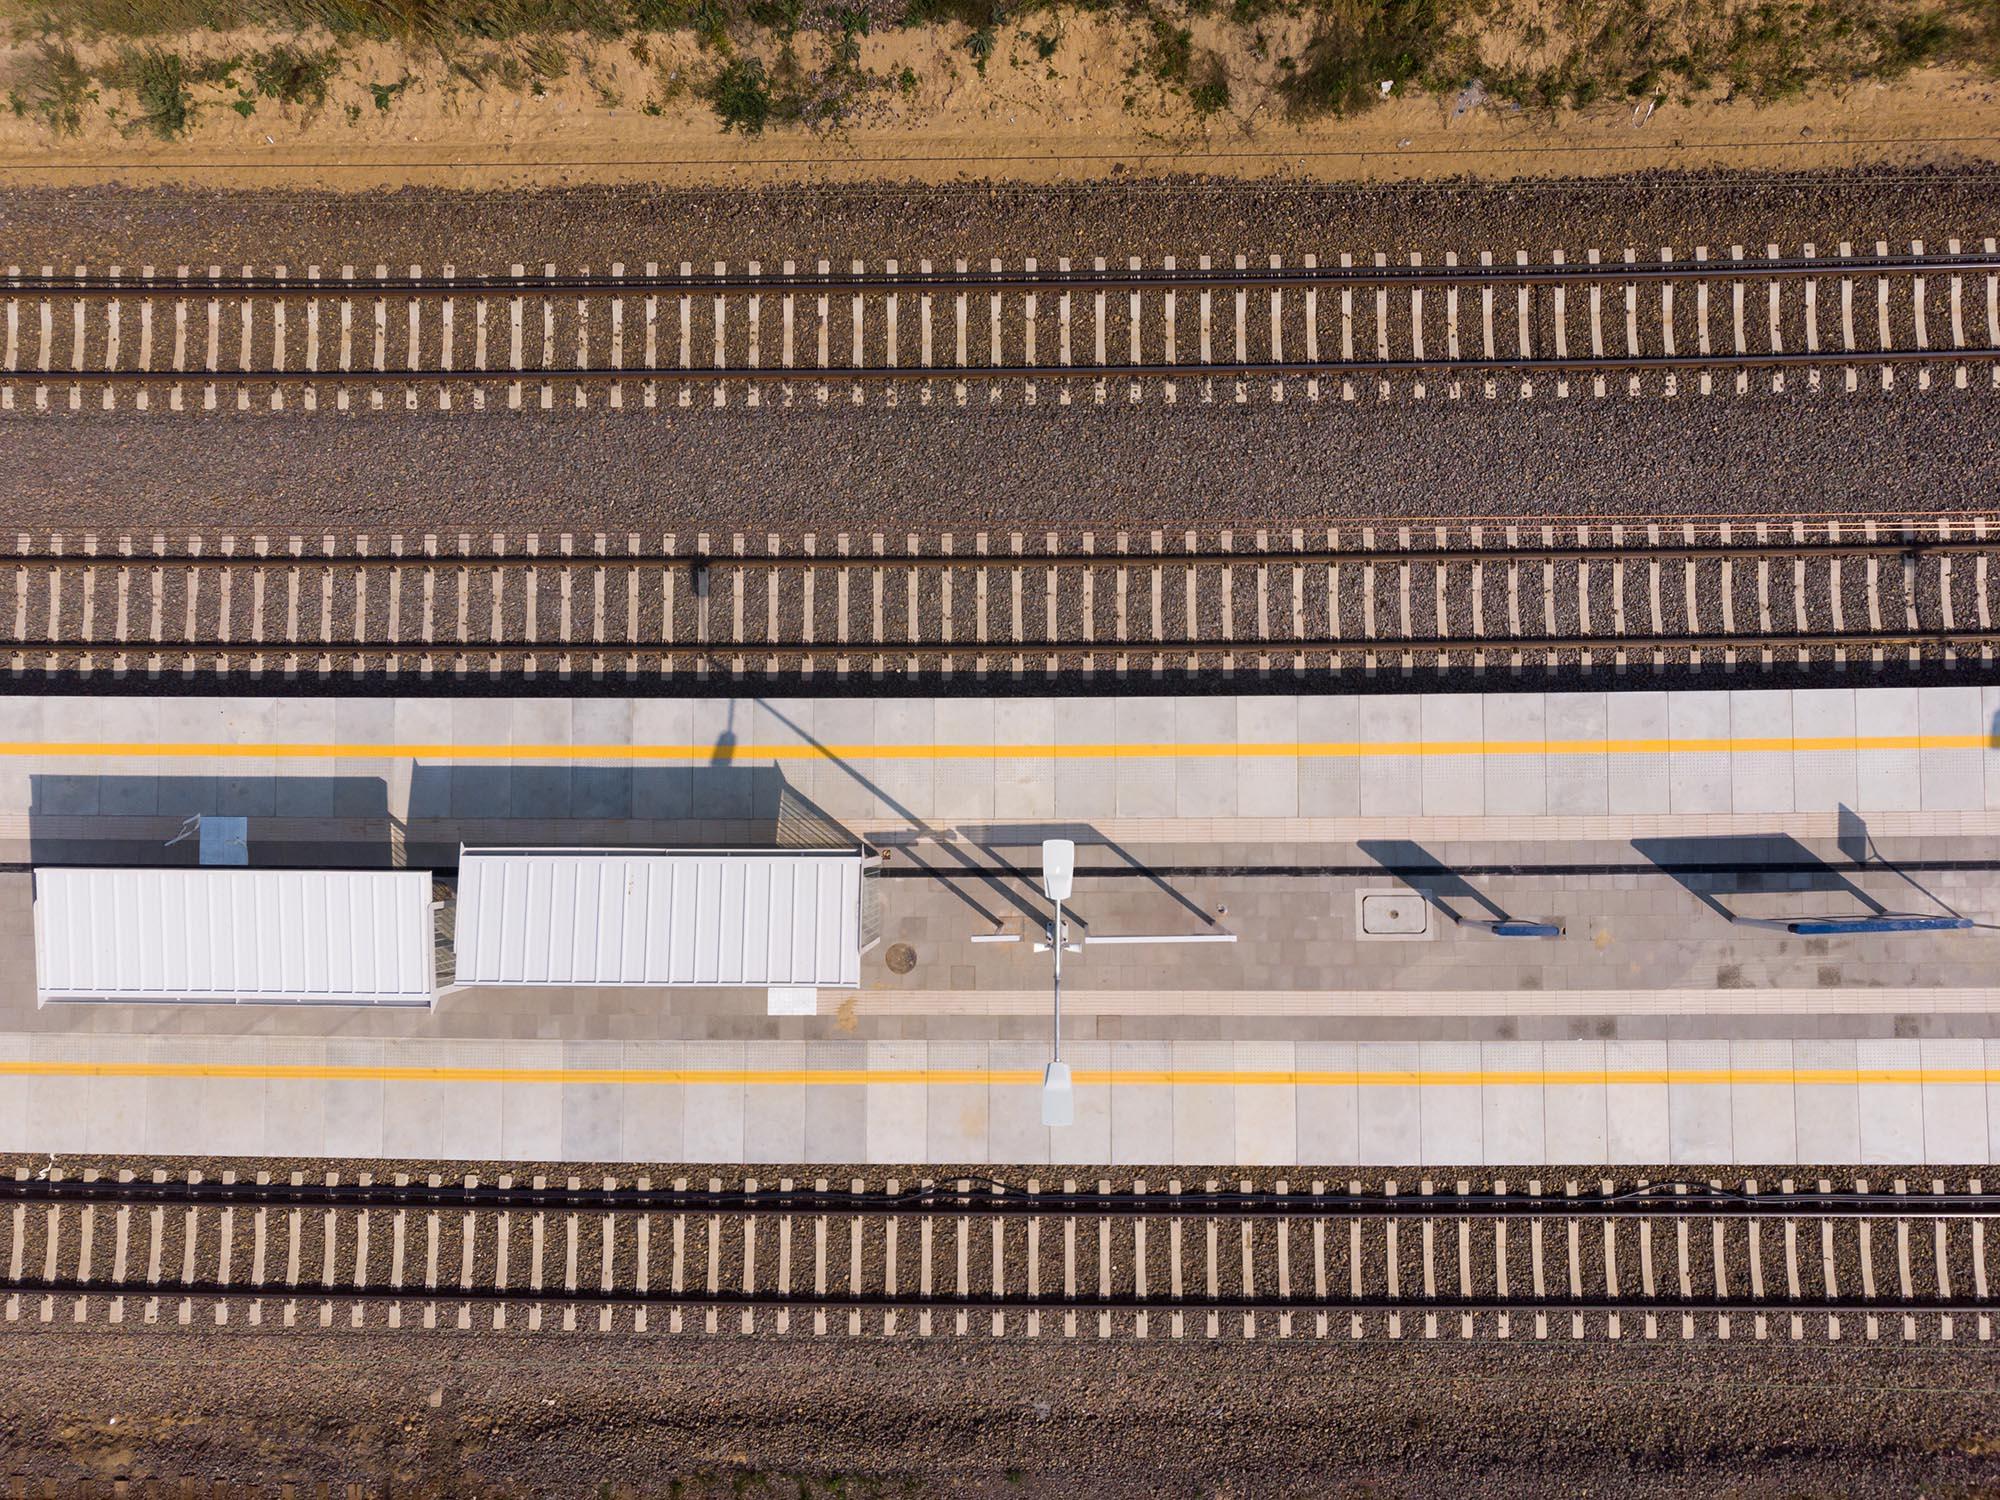 Kiekrz – stacja. Widok z lotu ptaka